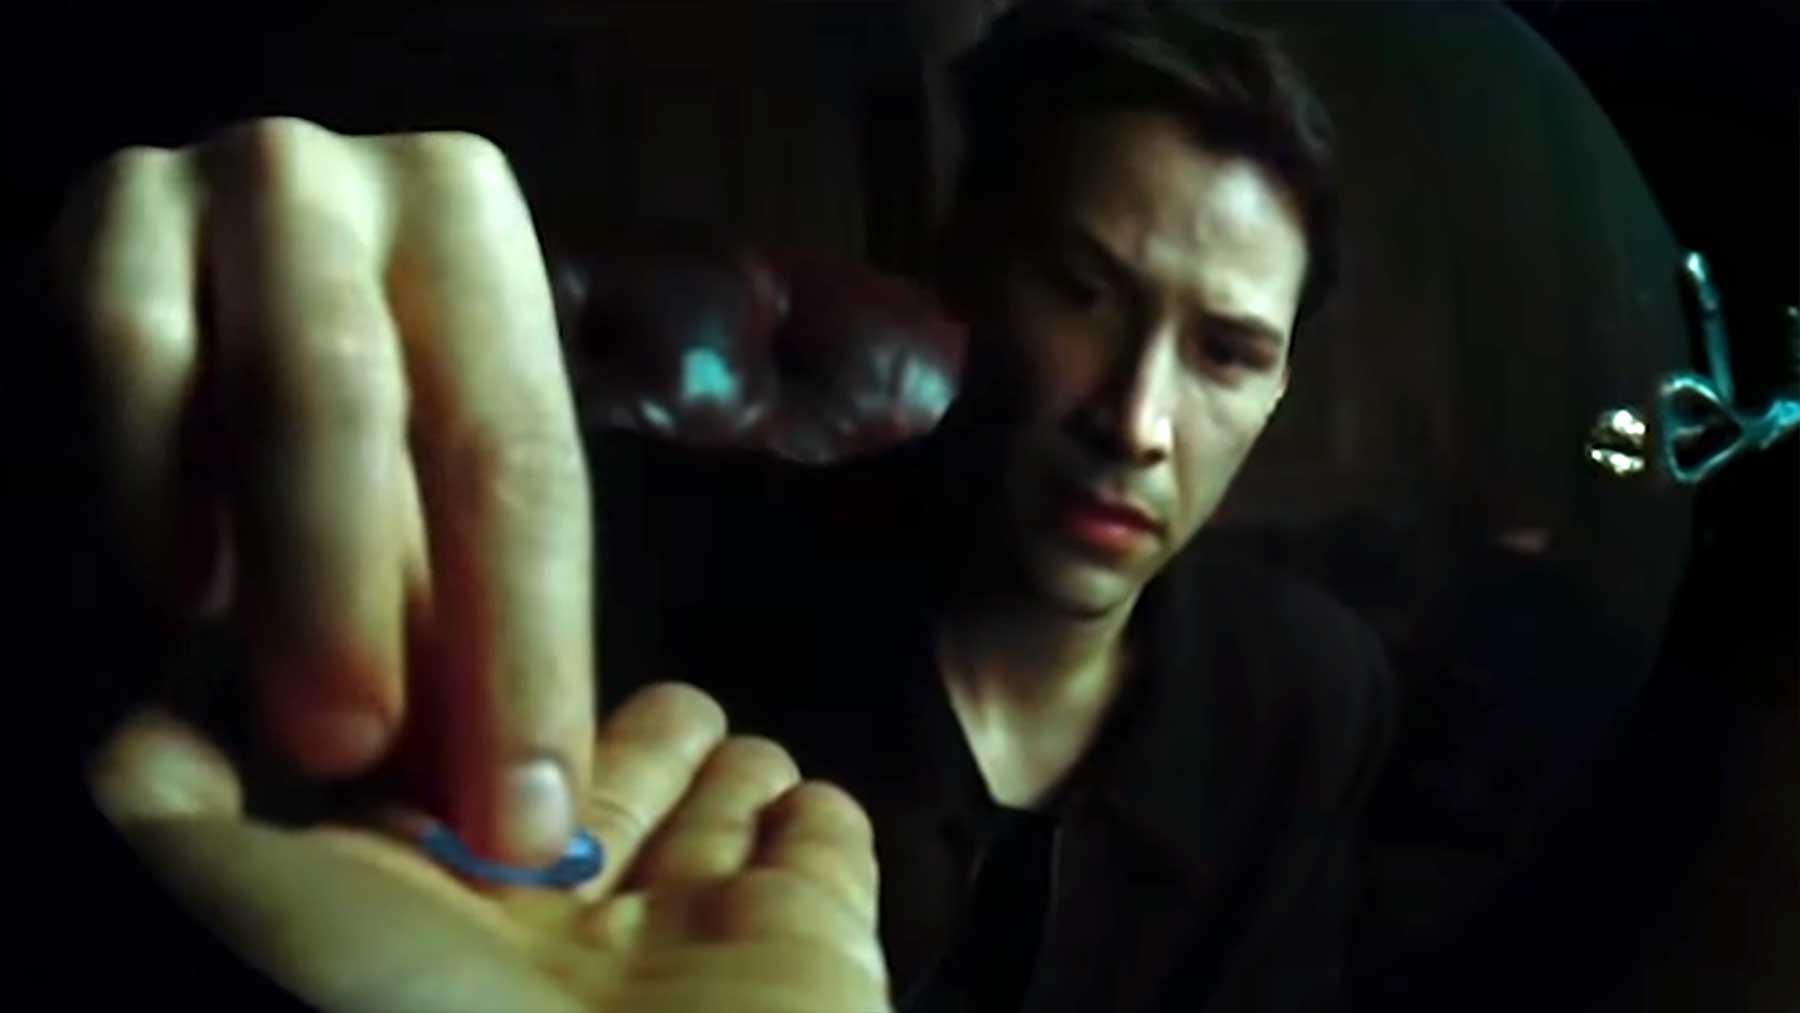 Wenn Neo die blaue Pille genommen hätte neo-nimmt-blaue-pille